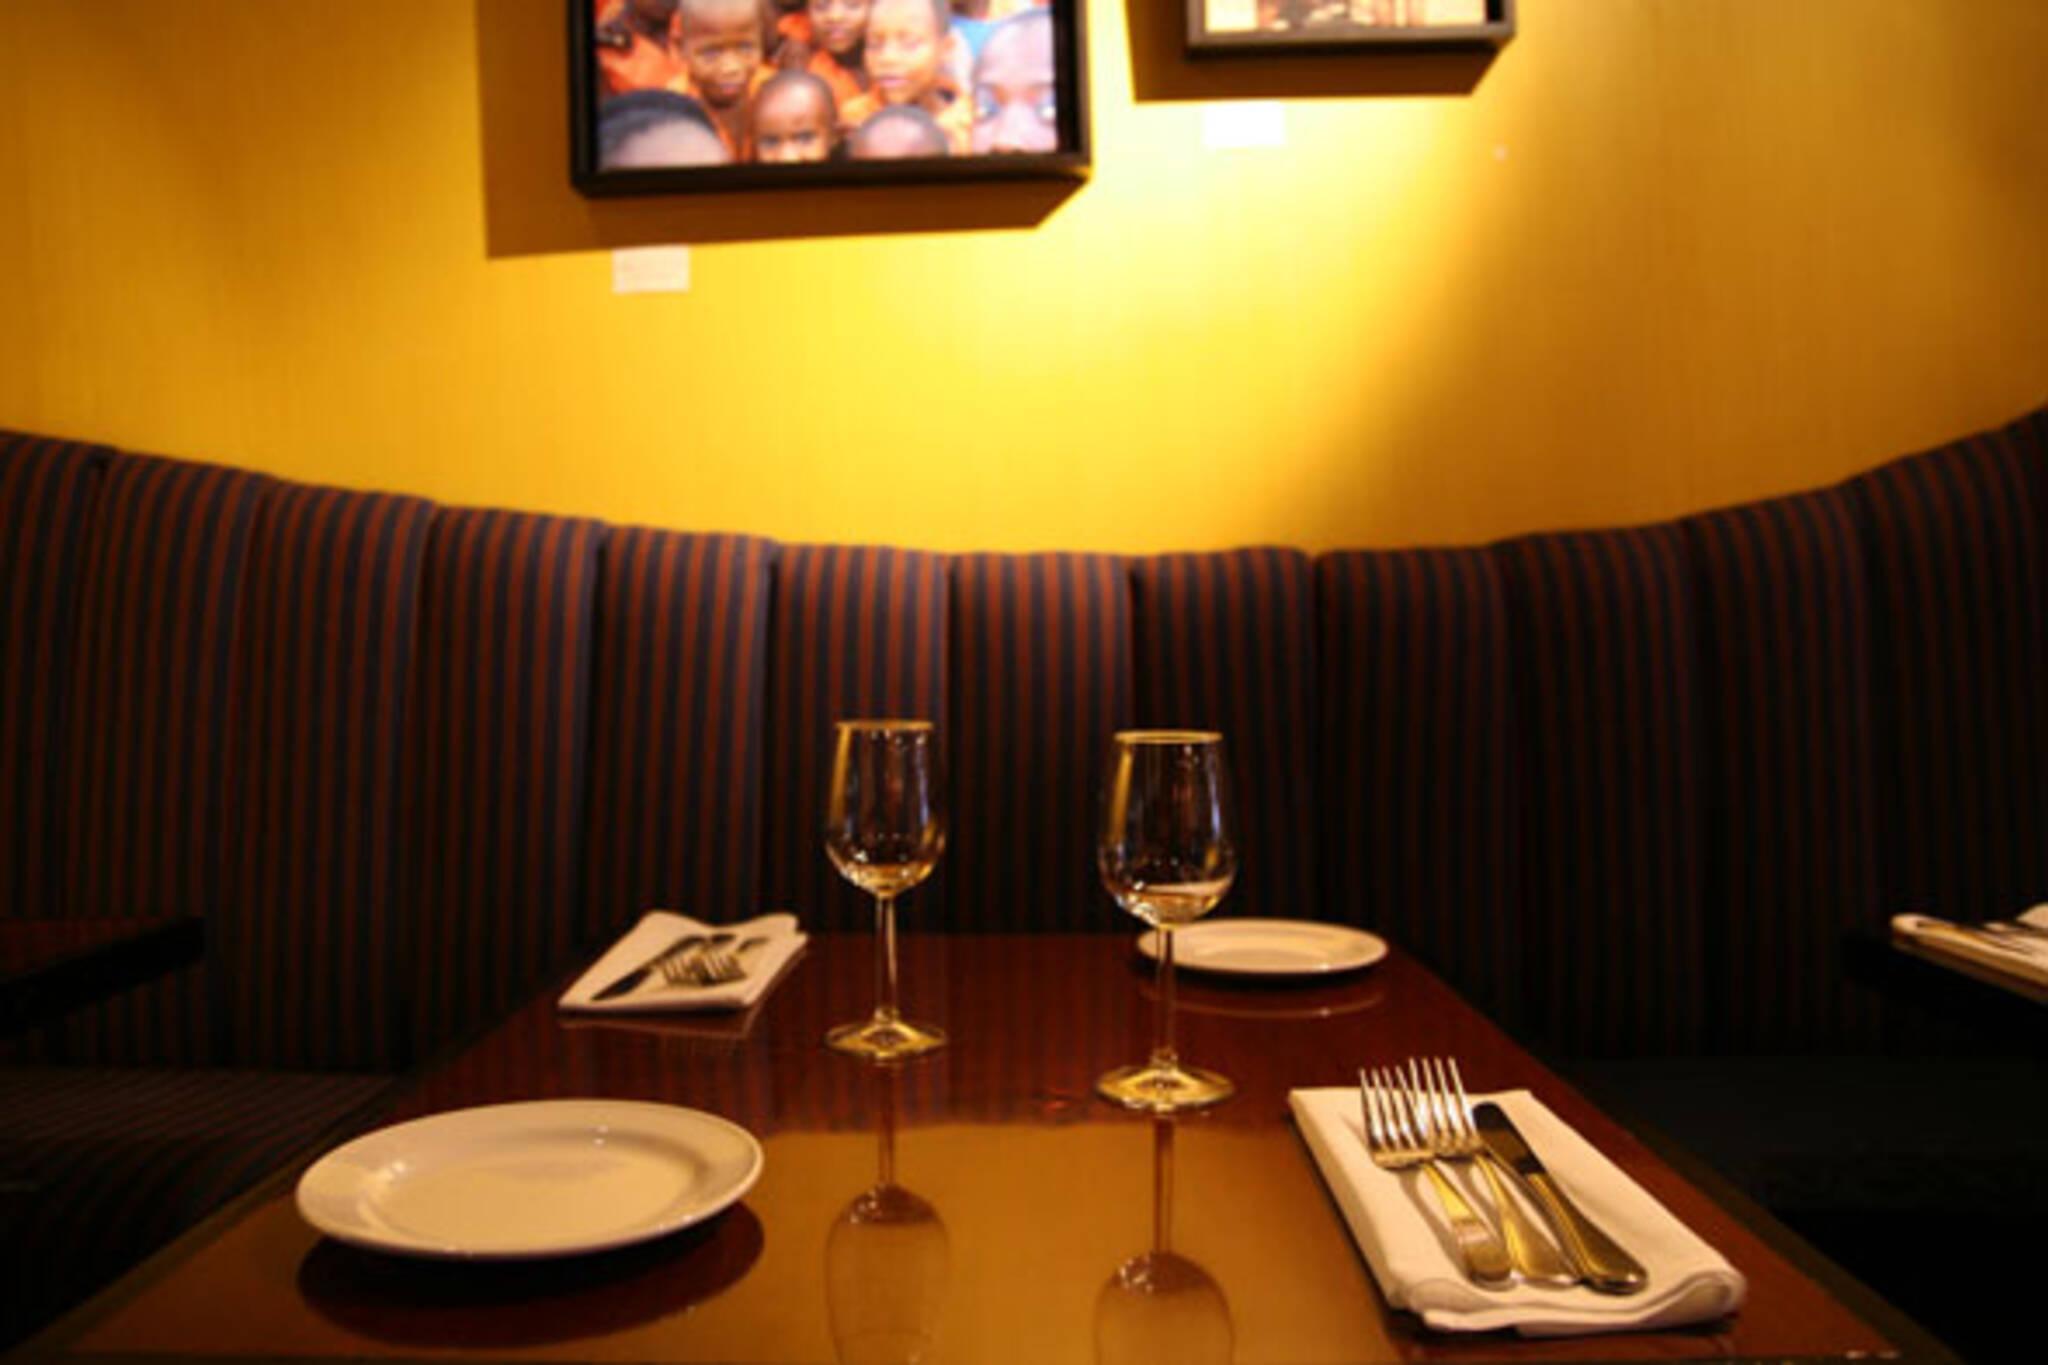 Domani Restaurant